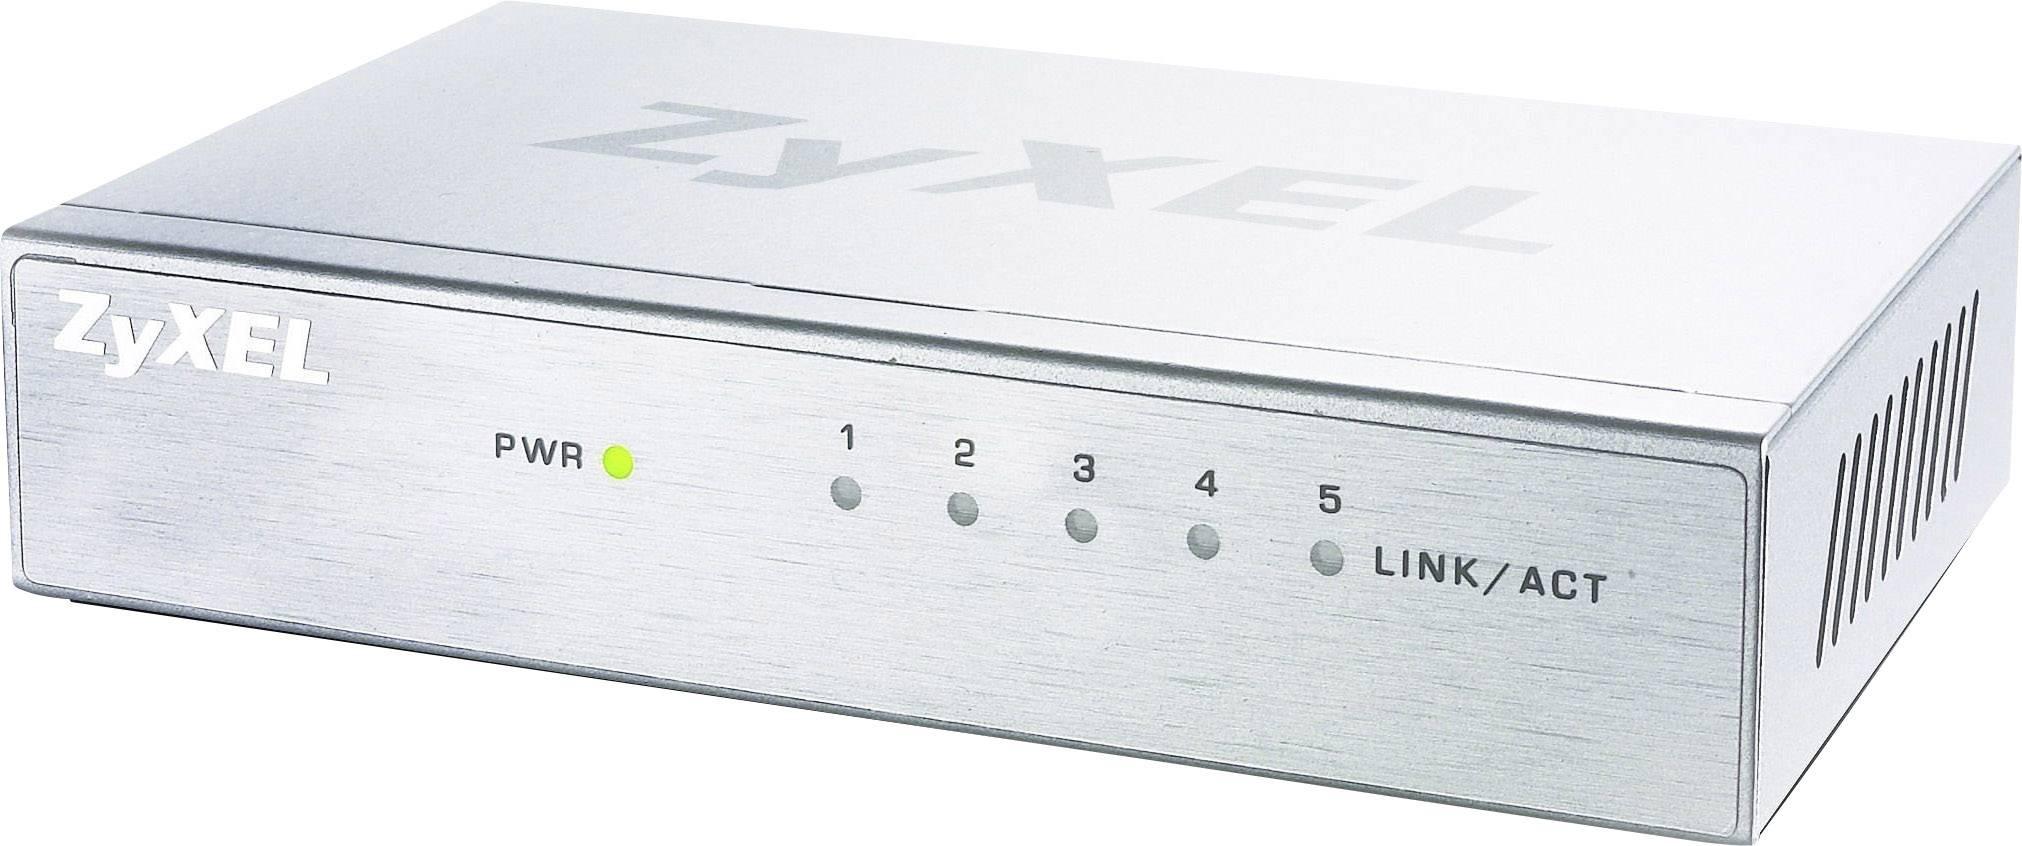 Síťový switch ZyXEL, GS-105B v3 5 Ports, 5 portů, 2.000 Mbit/s